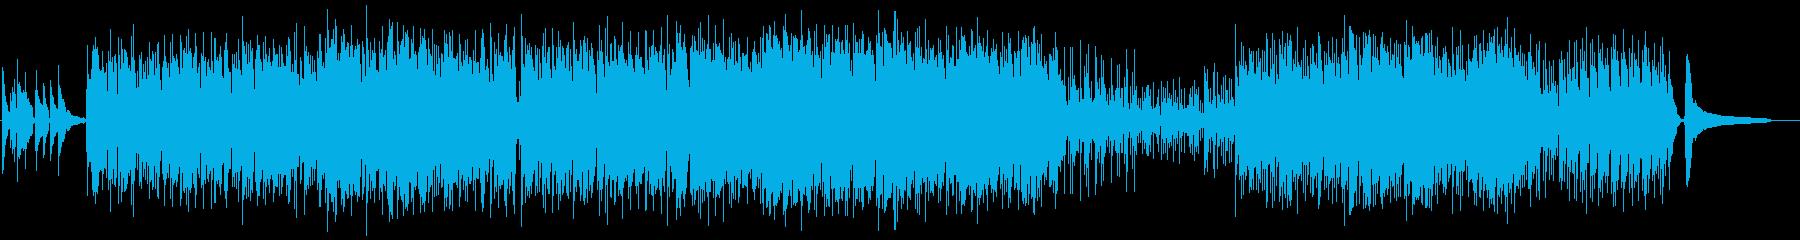 チークタイムの再生済みの波形